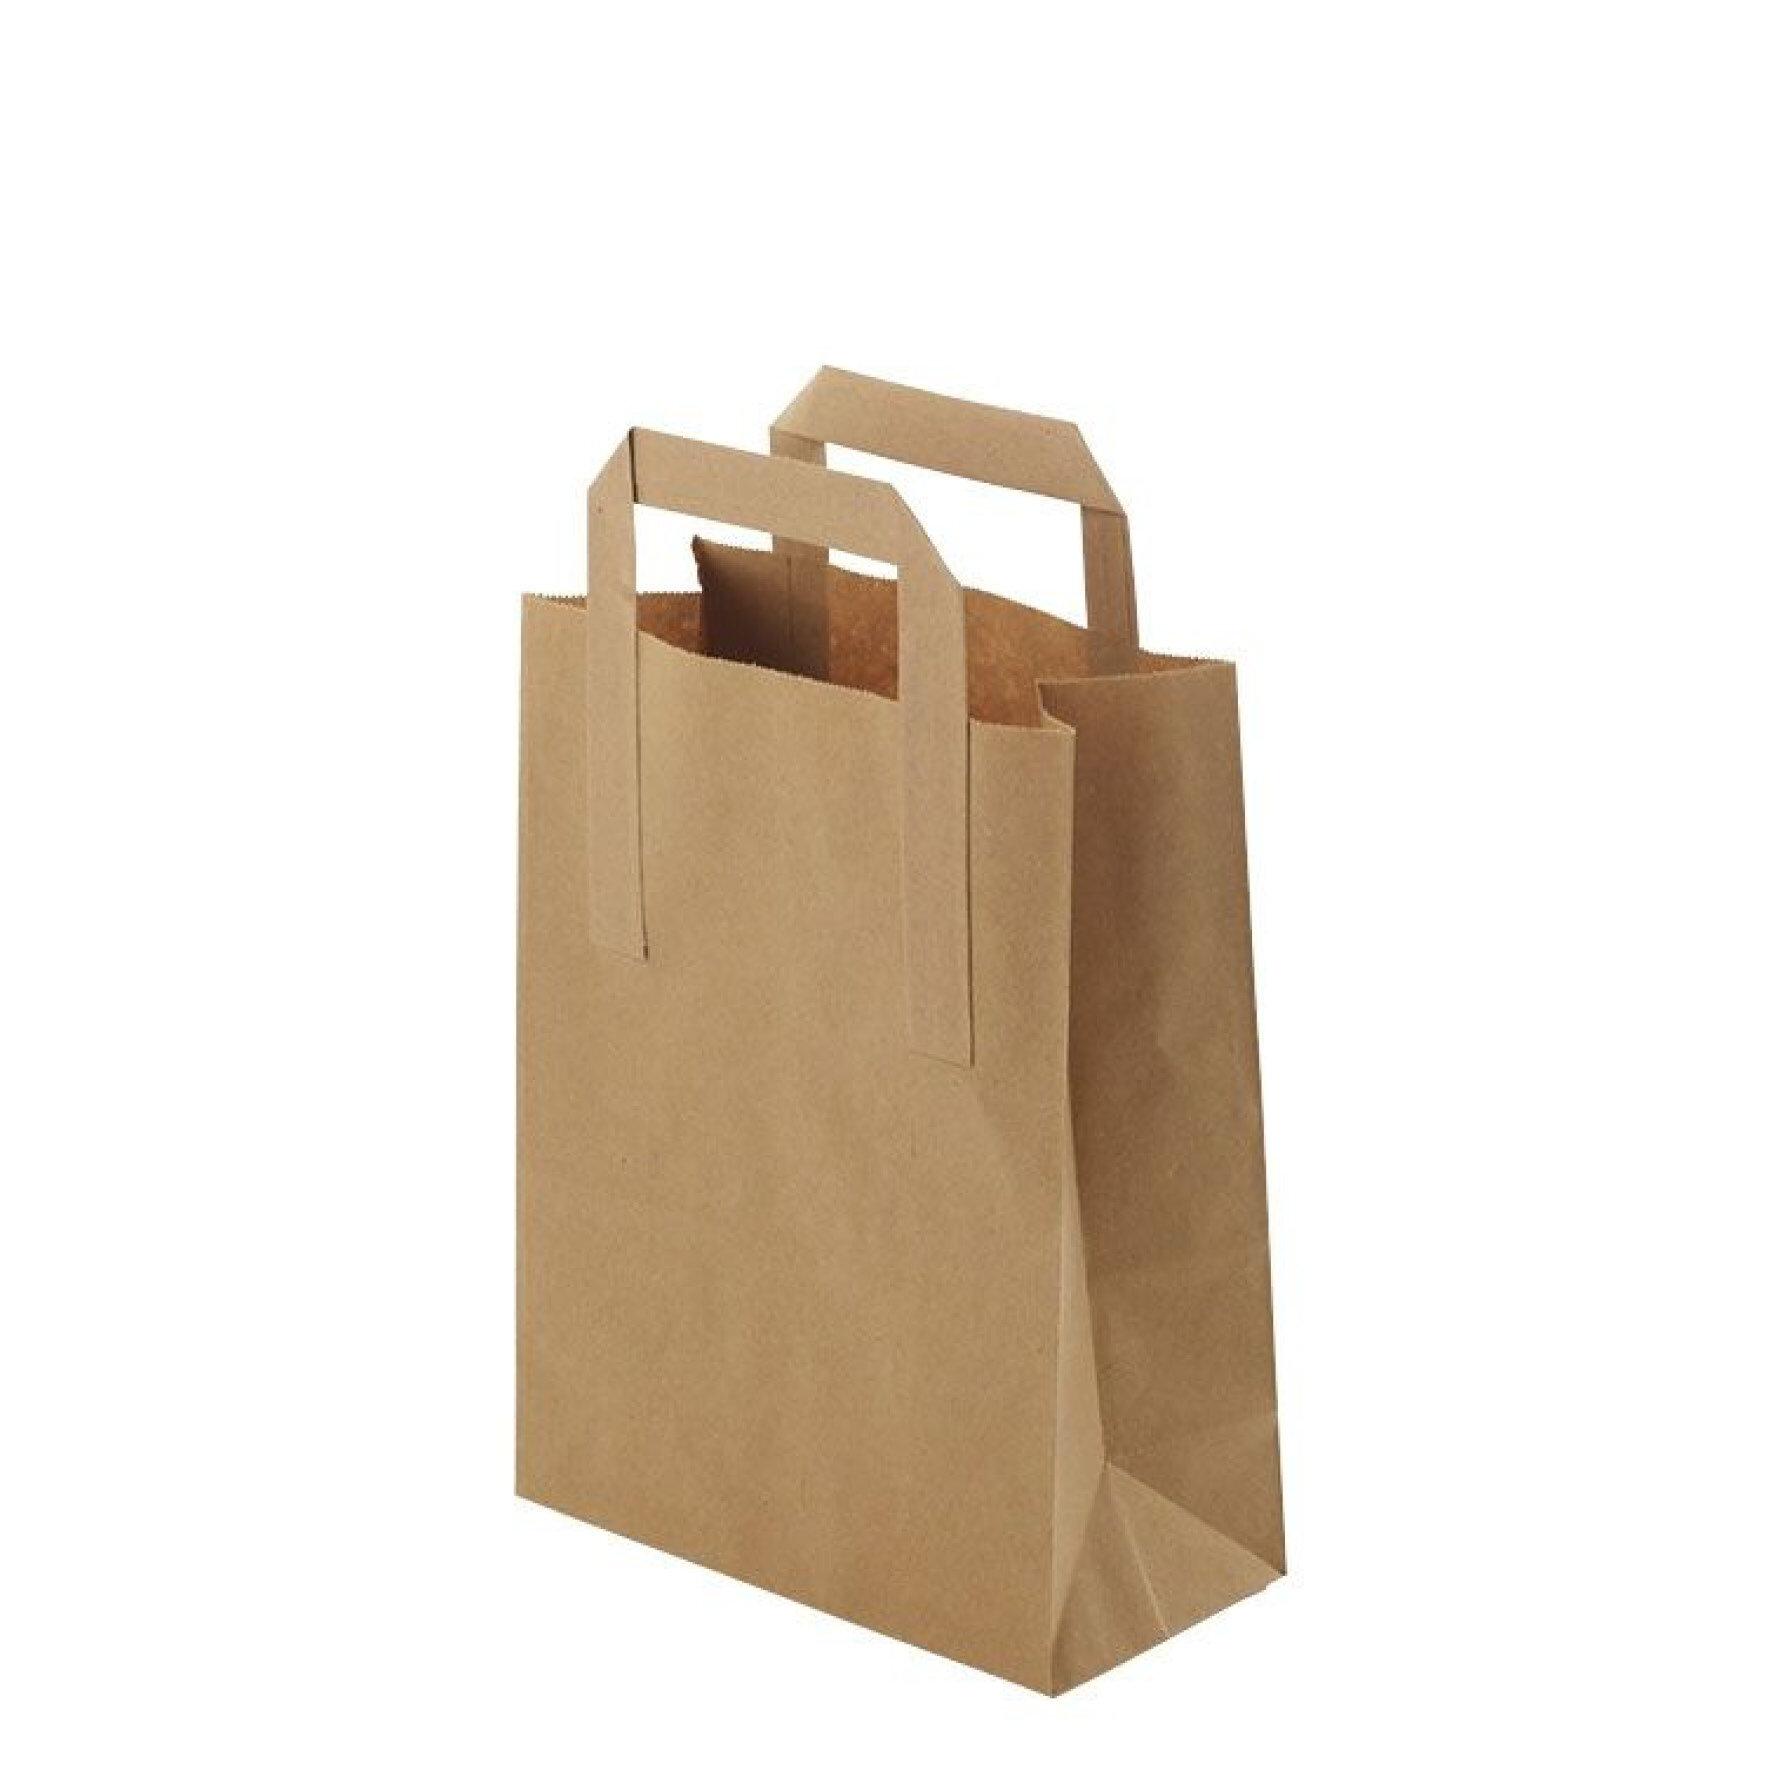 WEBAbag  Papiertragetasche  aus Kraftpapier    Individuell bedruckbar, mit Henkel, kompostierbar